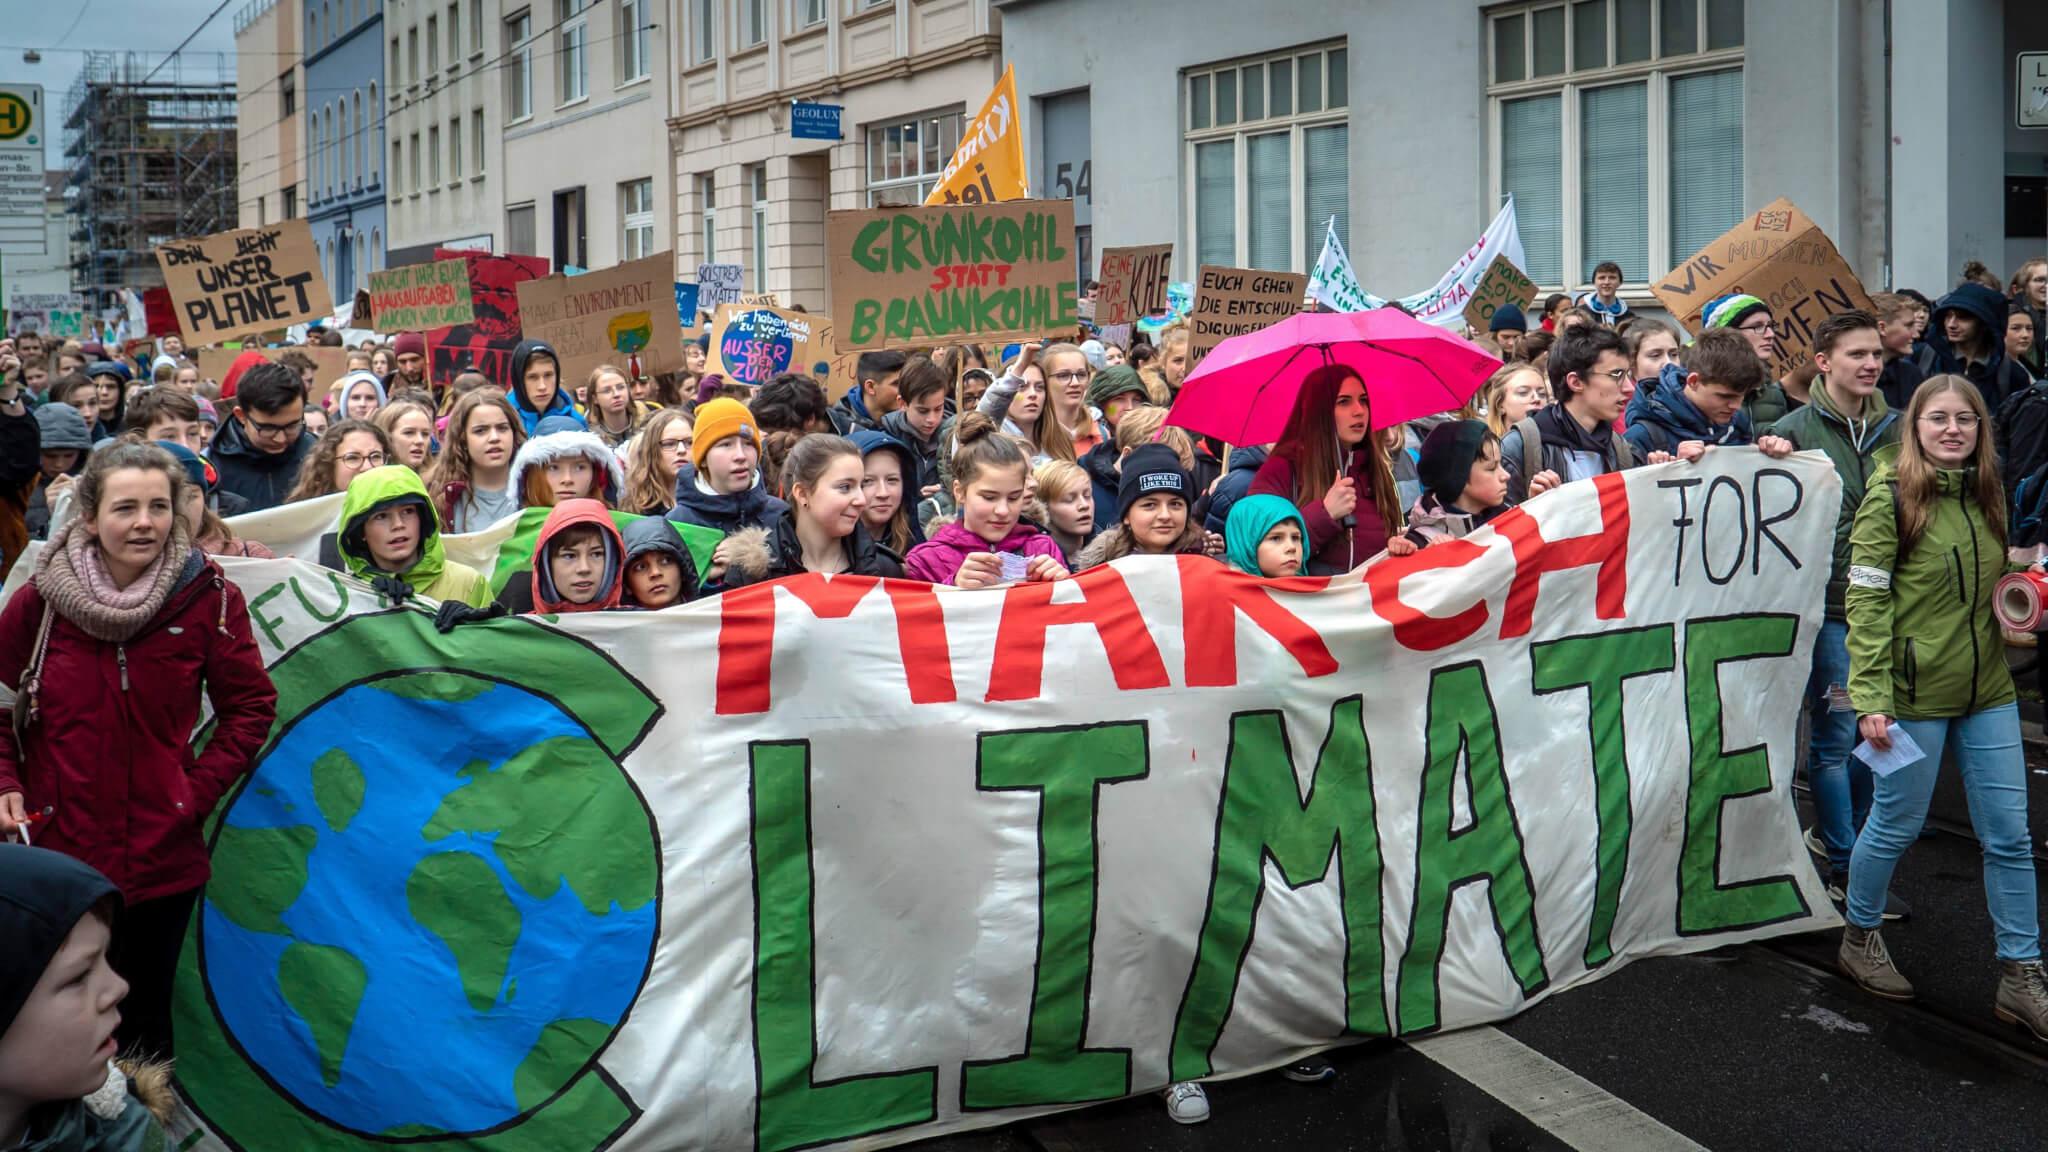 Declaración de emergencia climática: ¿qué es y por qué declararla?